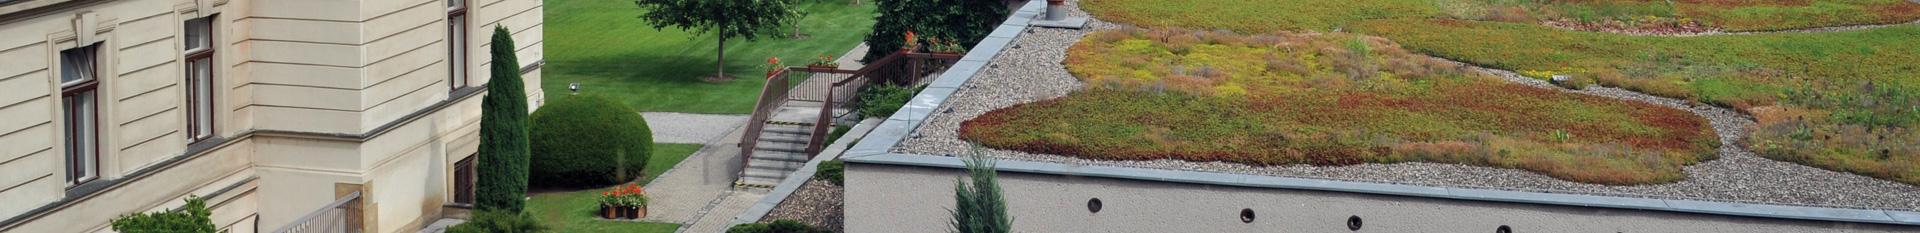 Příslušenství pro vegetační střechy